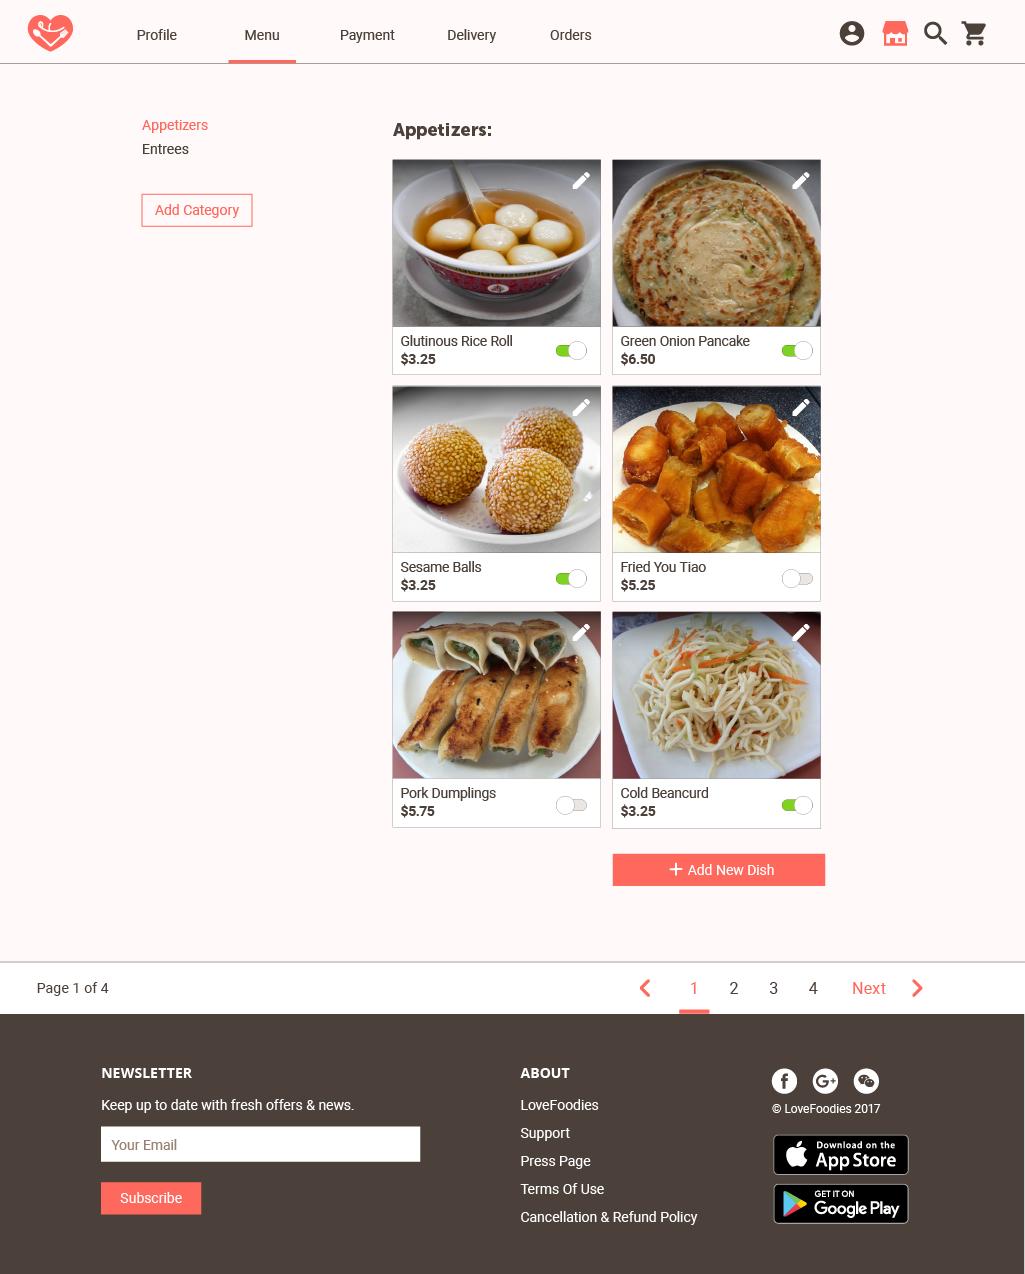 LoveFoodies-Website_Seller Profile copy.png